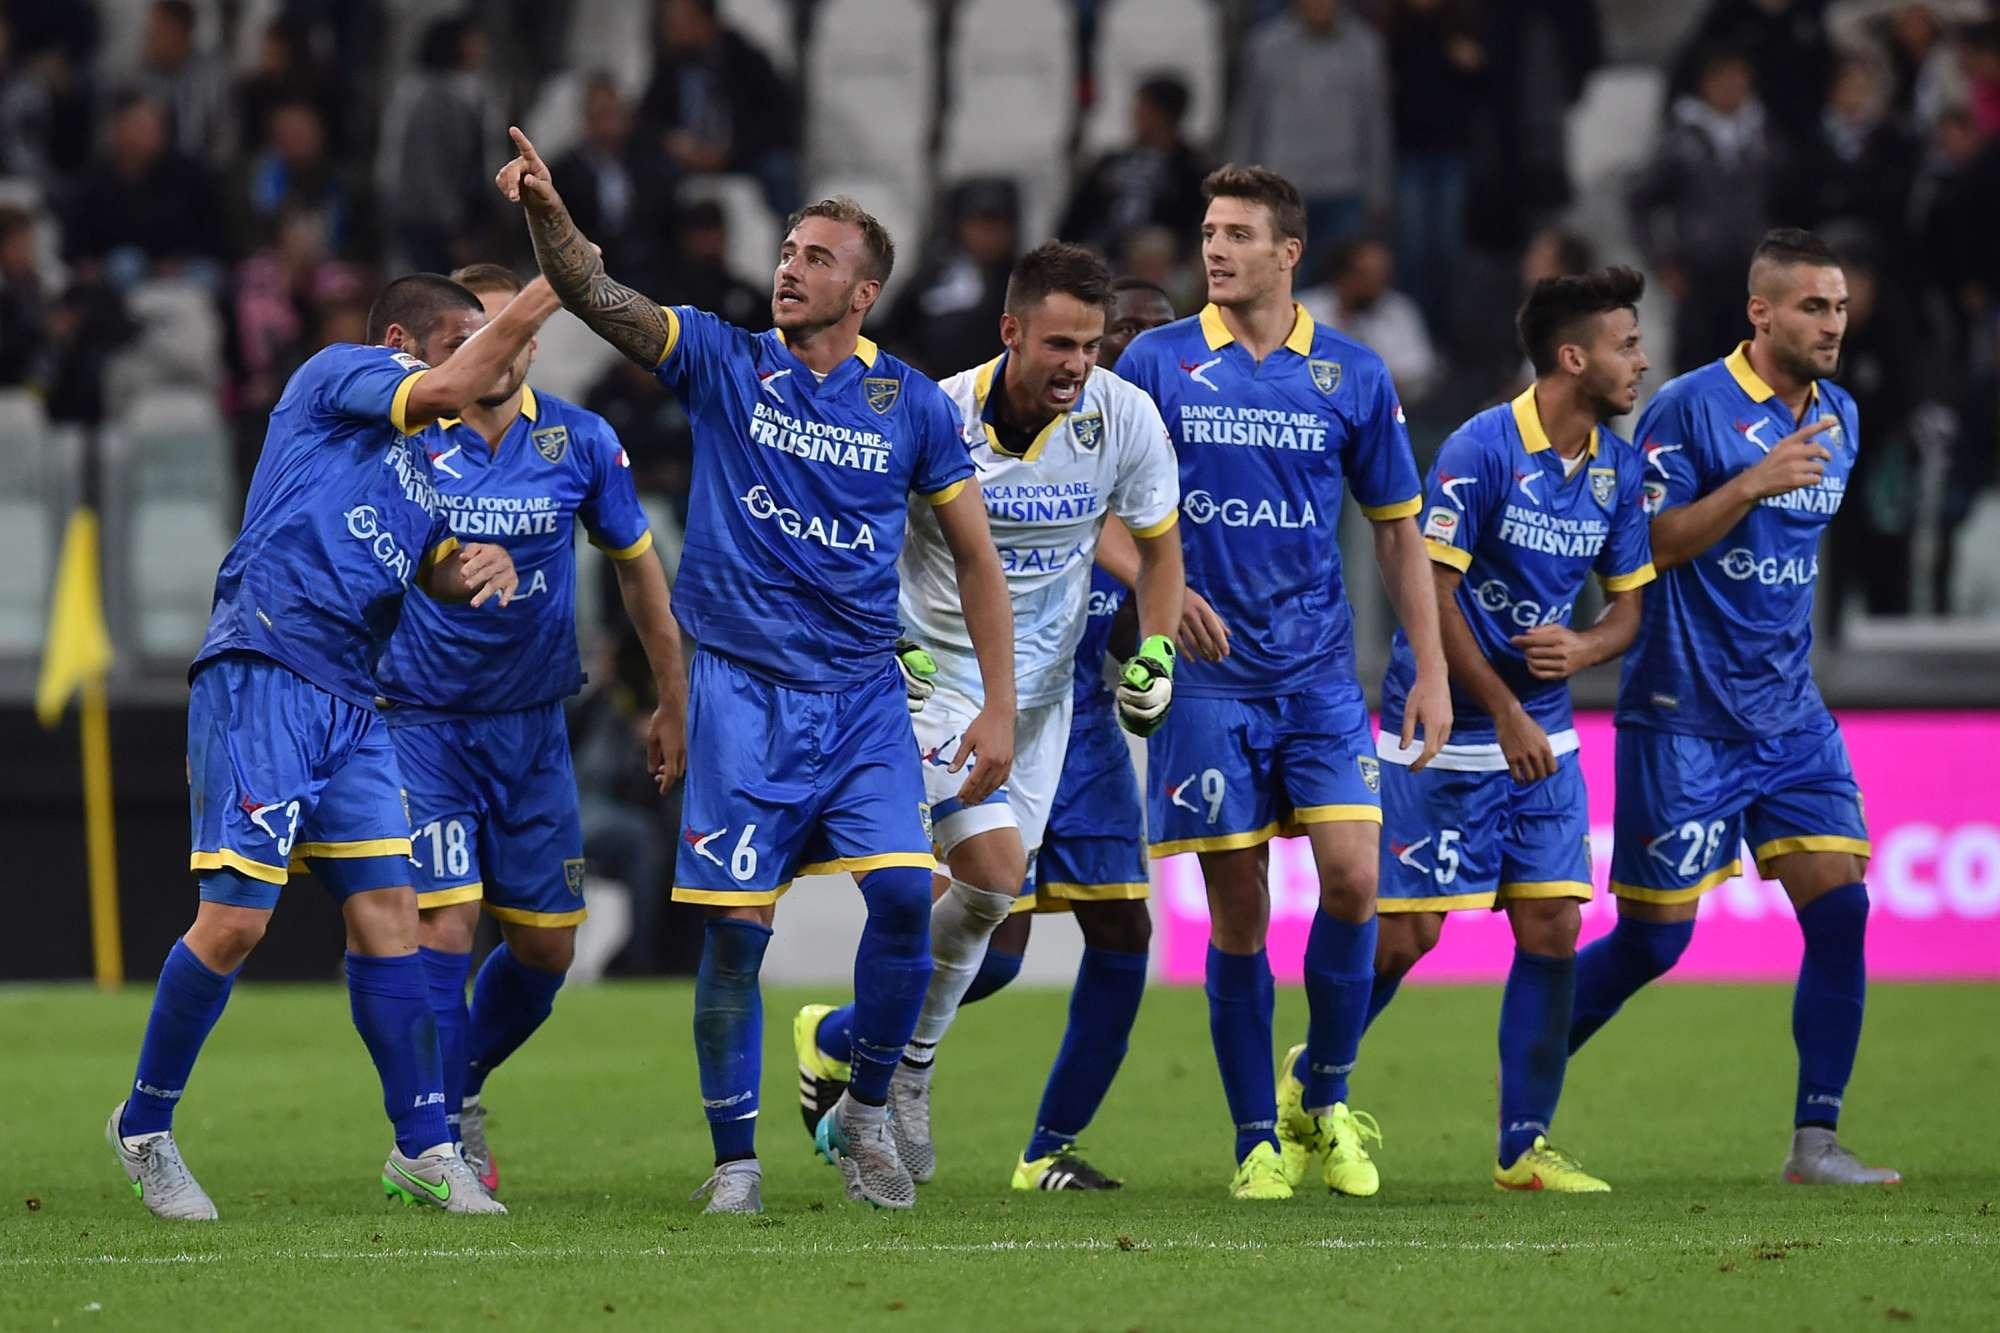 Il Frosinone festeggia il gol di Blanchard, che ha regalato il pareggio con la Juventus